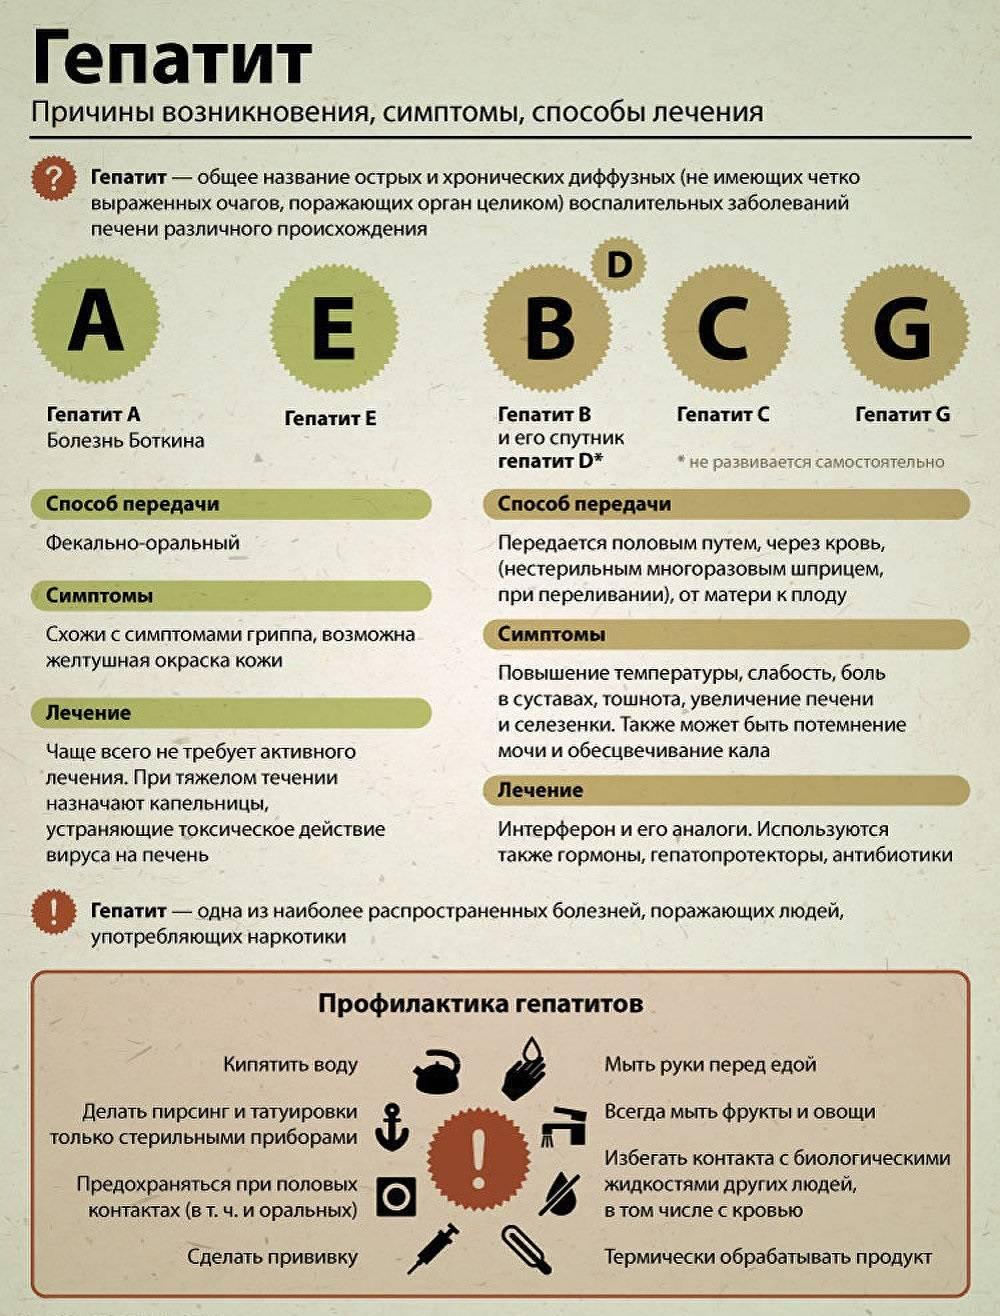 Гепатит, анализ крови